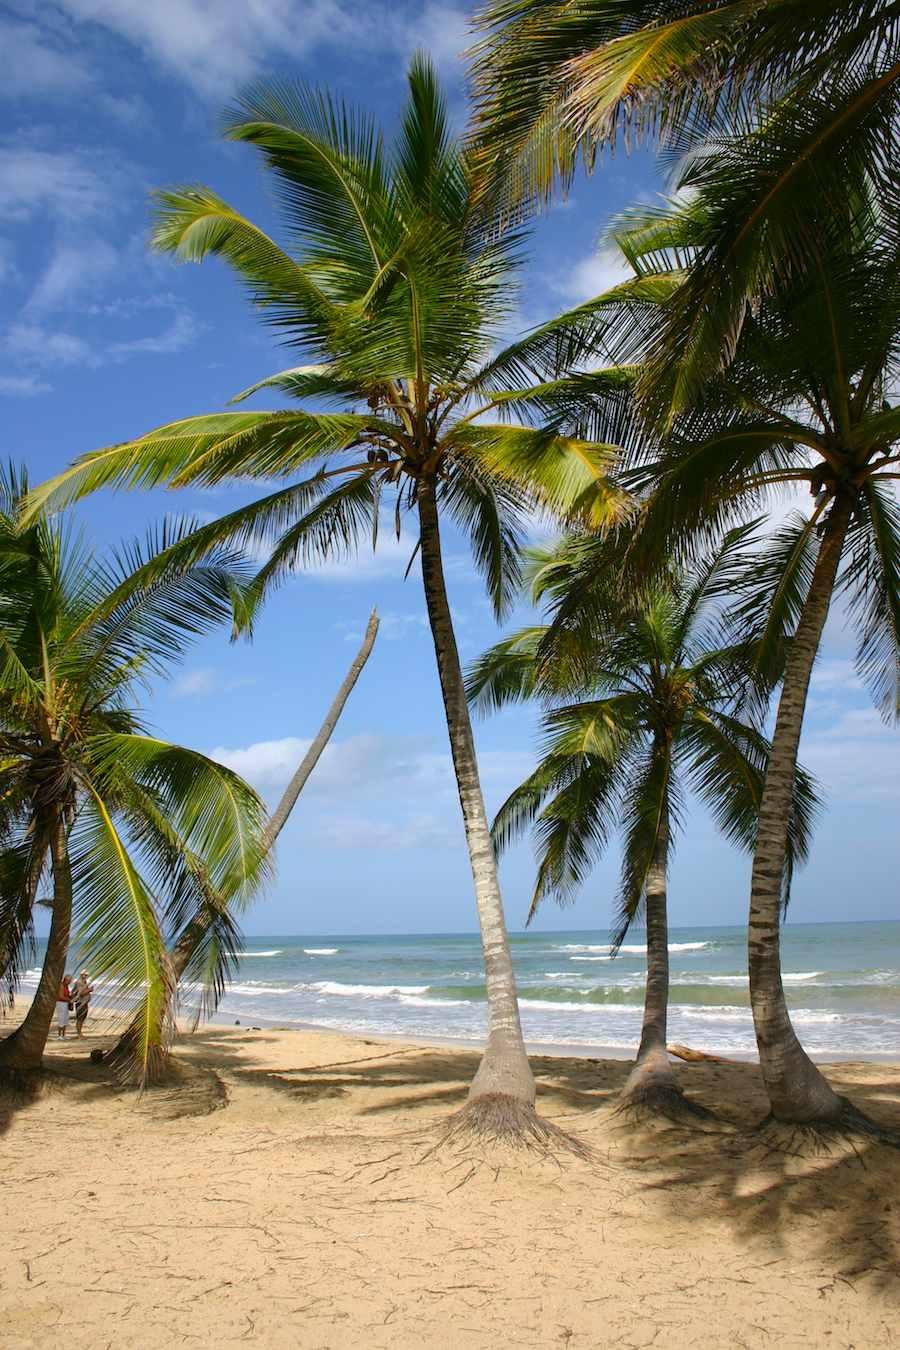 Cana-Fächerpalmen bei Punta Cana, Foto: Robert Niedermeier